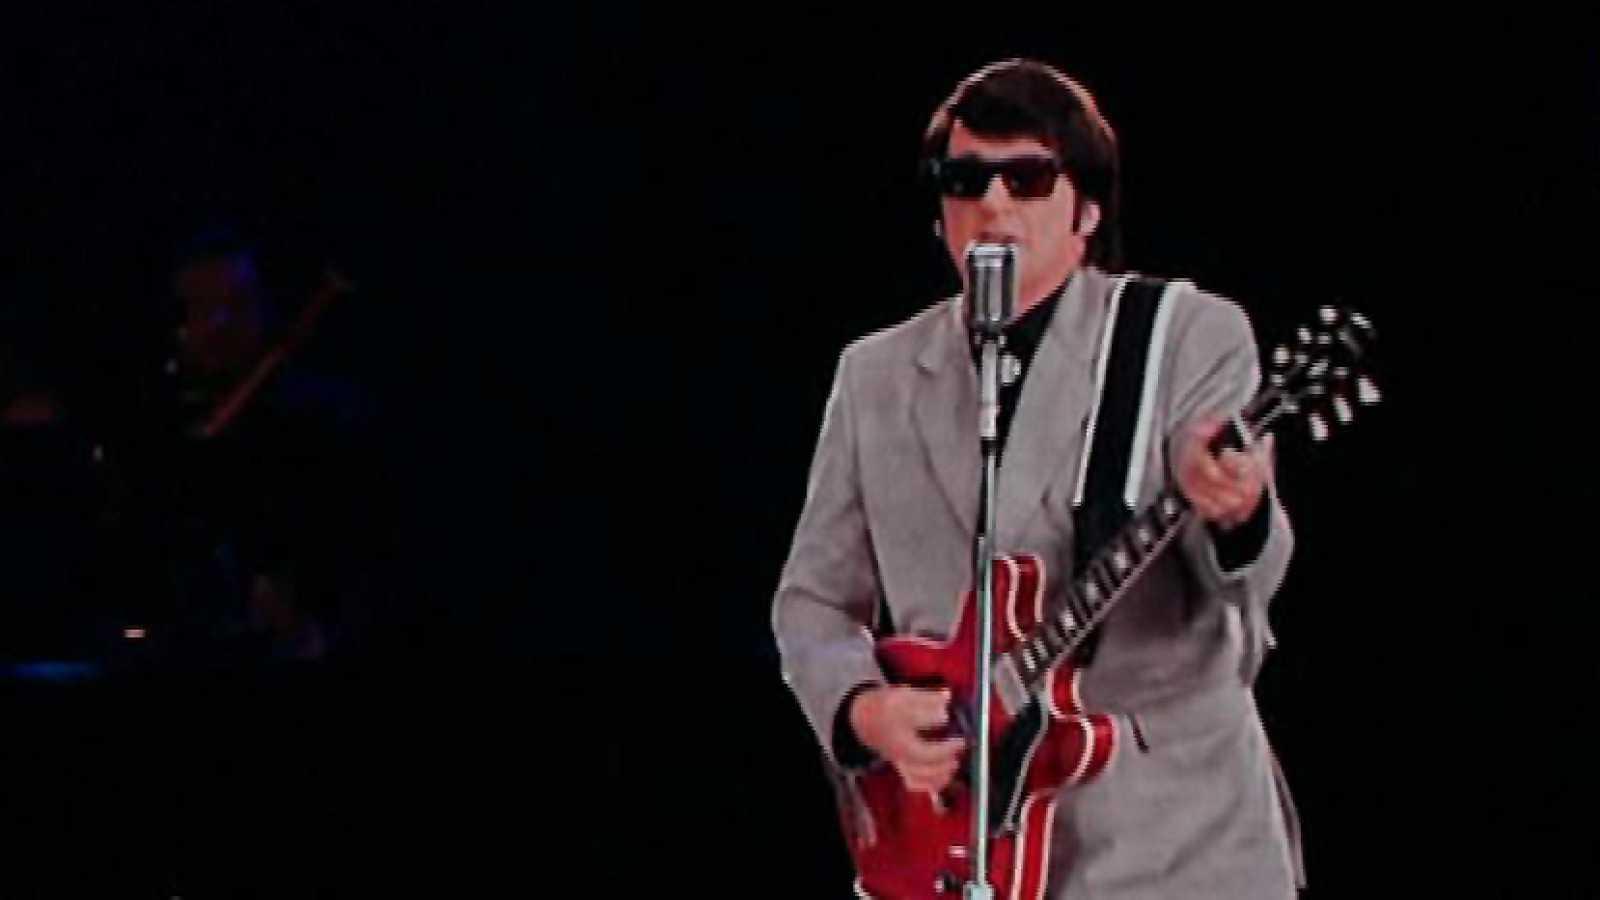 El Cantante Roy Orbison Sale De Gira En Forma De Holograma